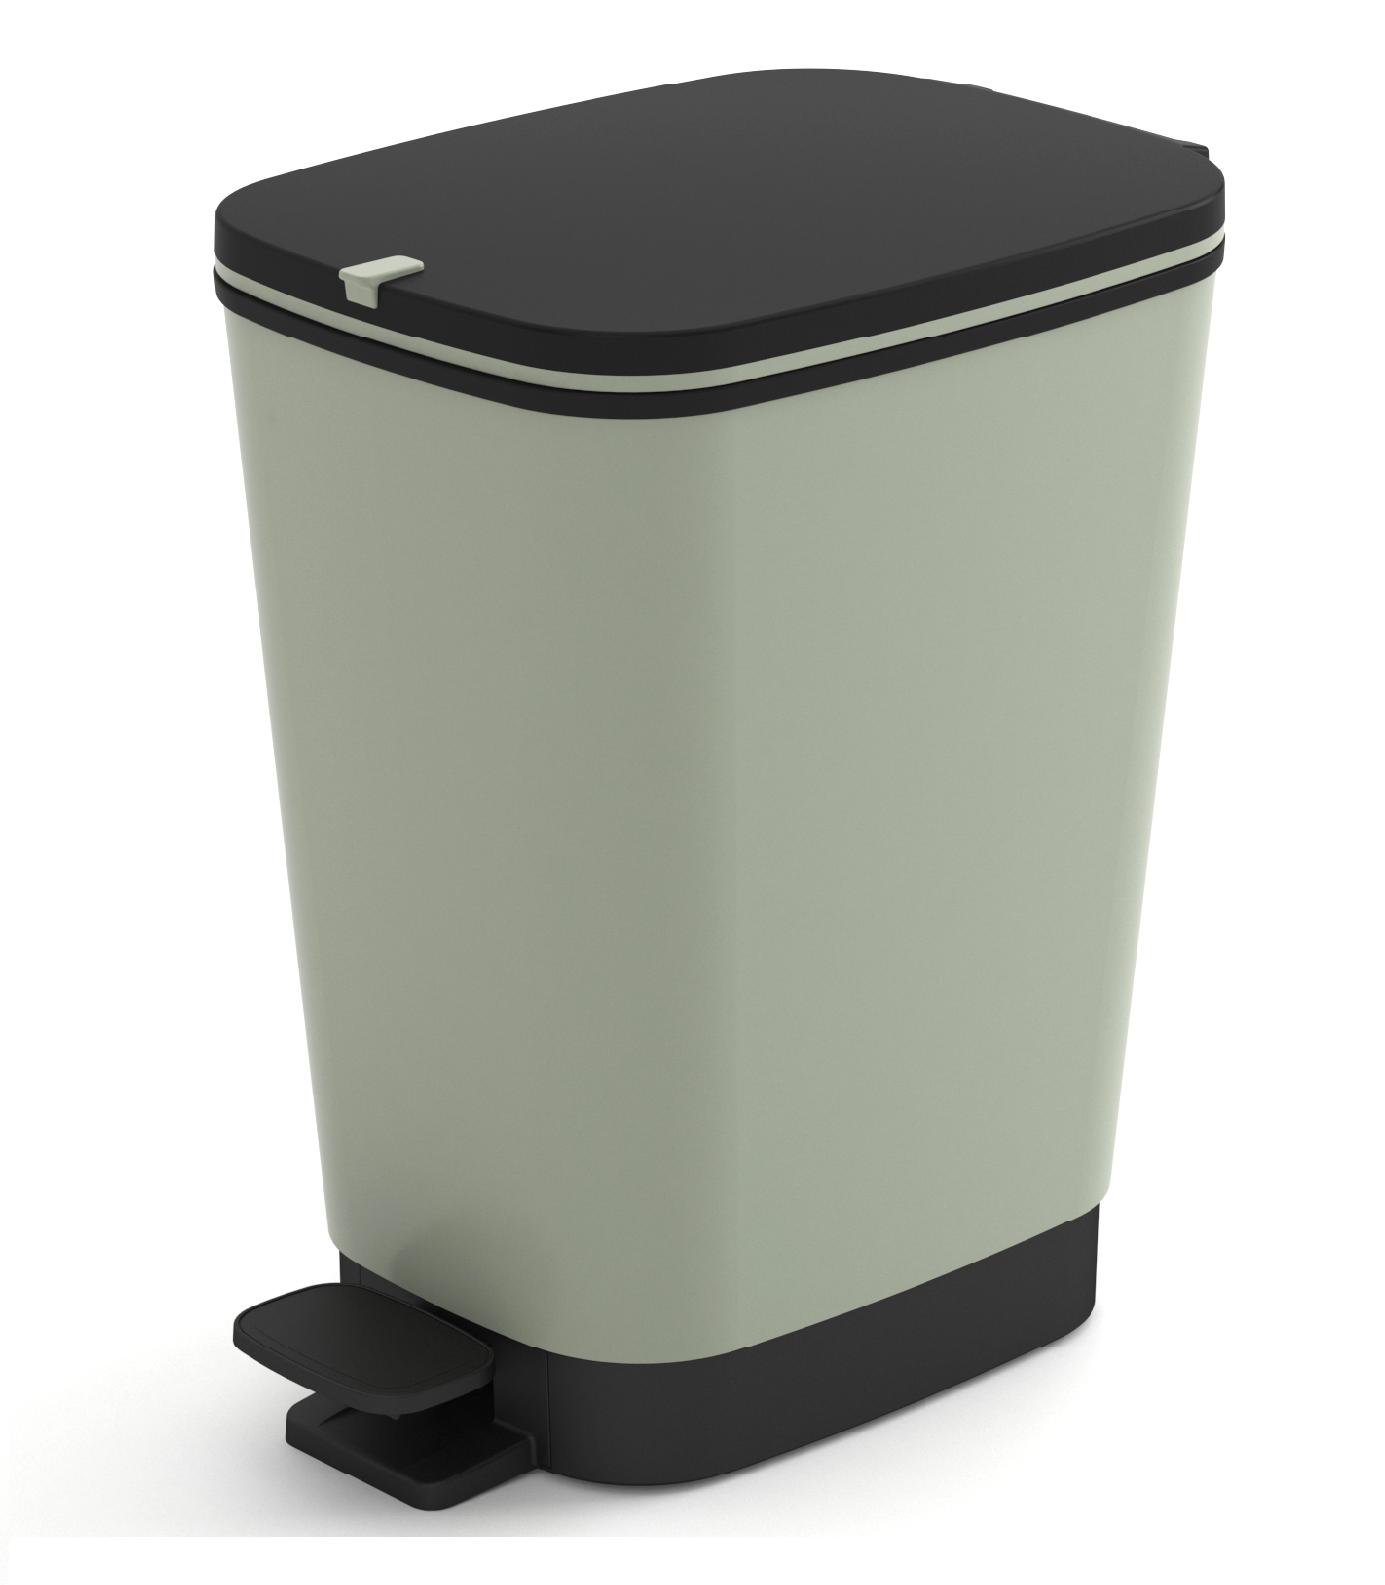 Πεντάλ Πλαστικό Chic Bin Desert Sage 35lt Kis home   αξεσουαρ κουζινας   δοχεία απορριμάτων